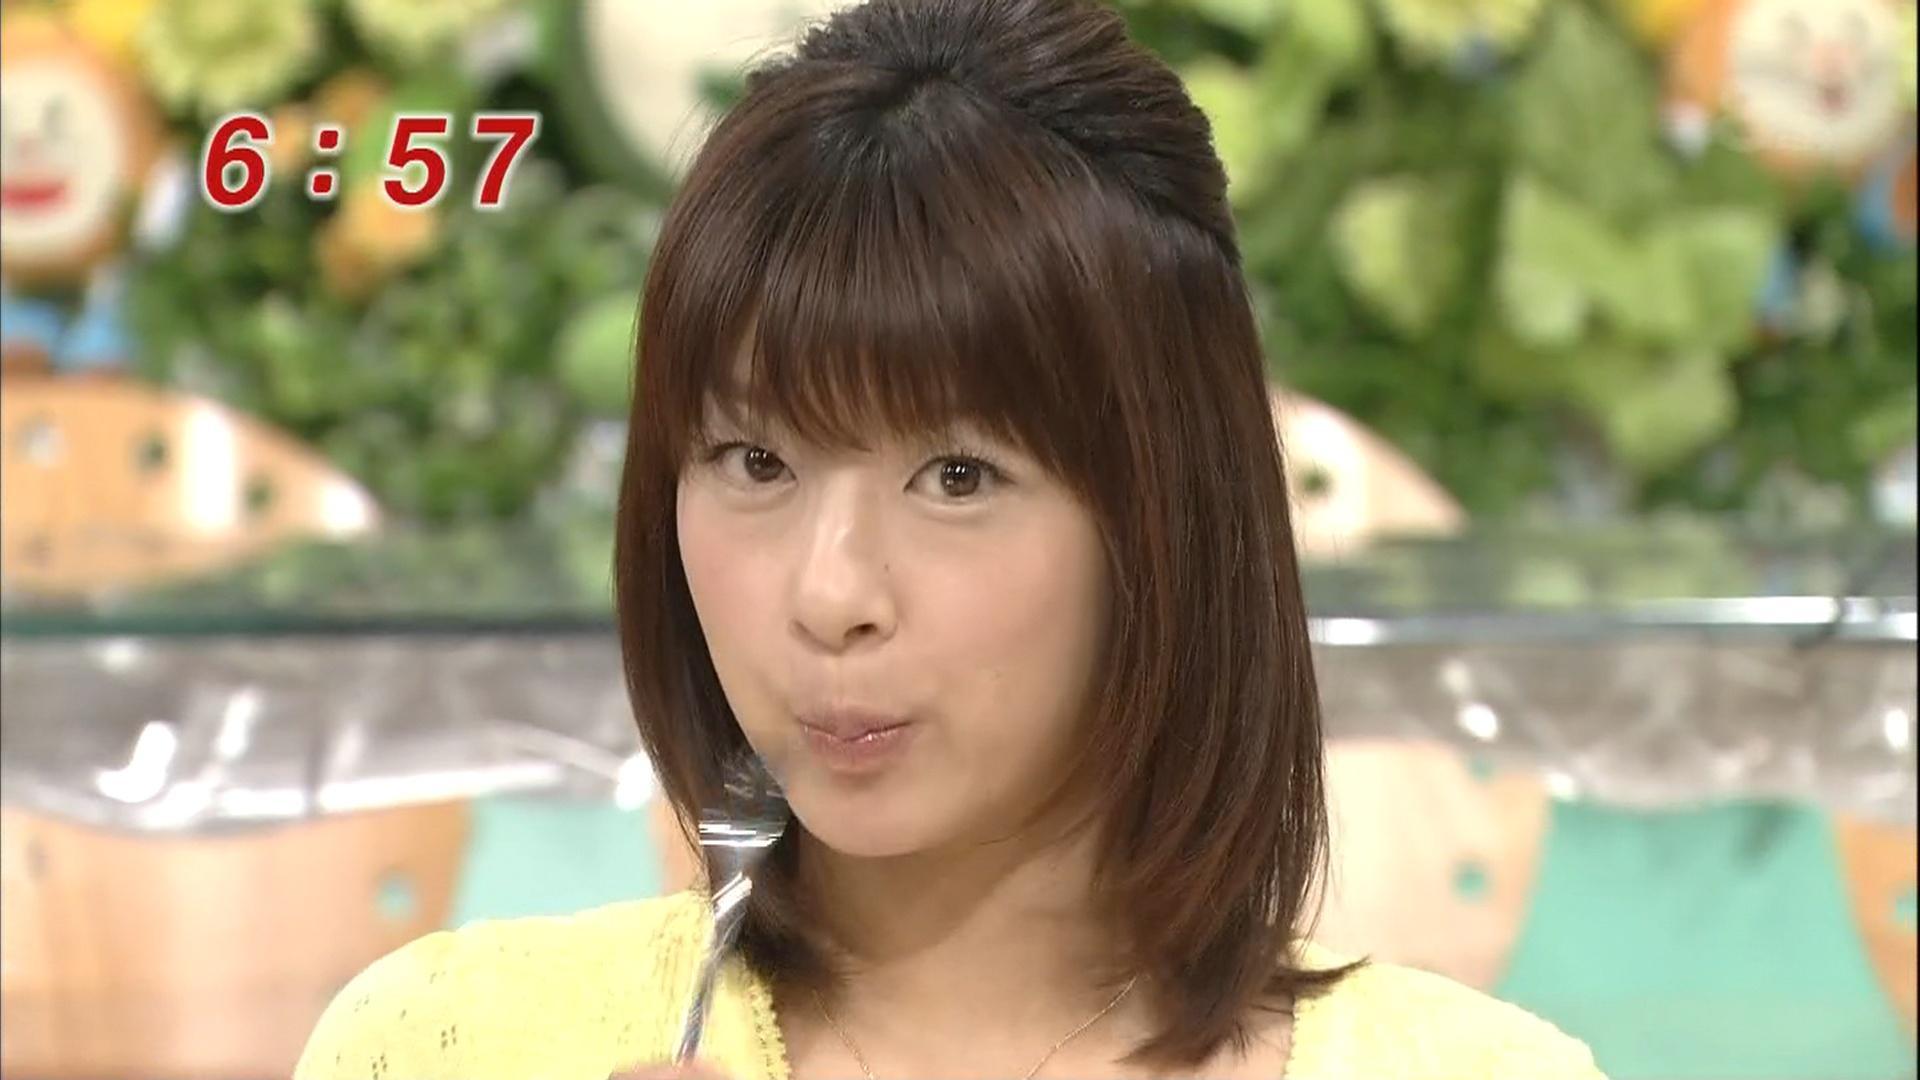 生野陽子 顔のあっぷ画像(解像度高いです)キャプ画像(エロ・アイコラ画像)